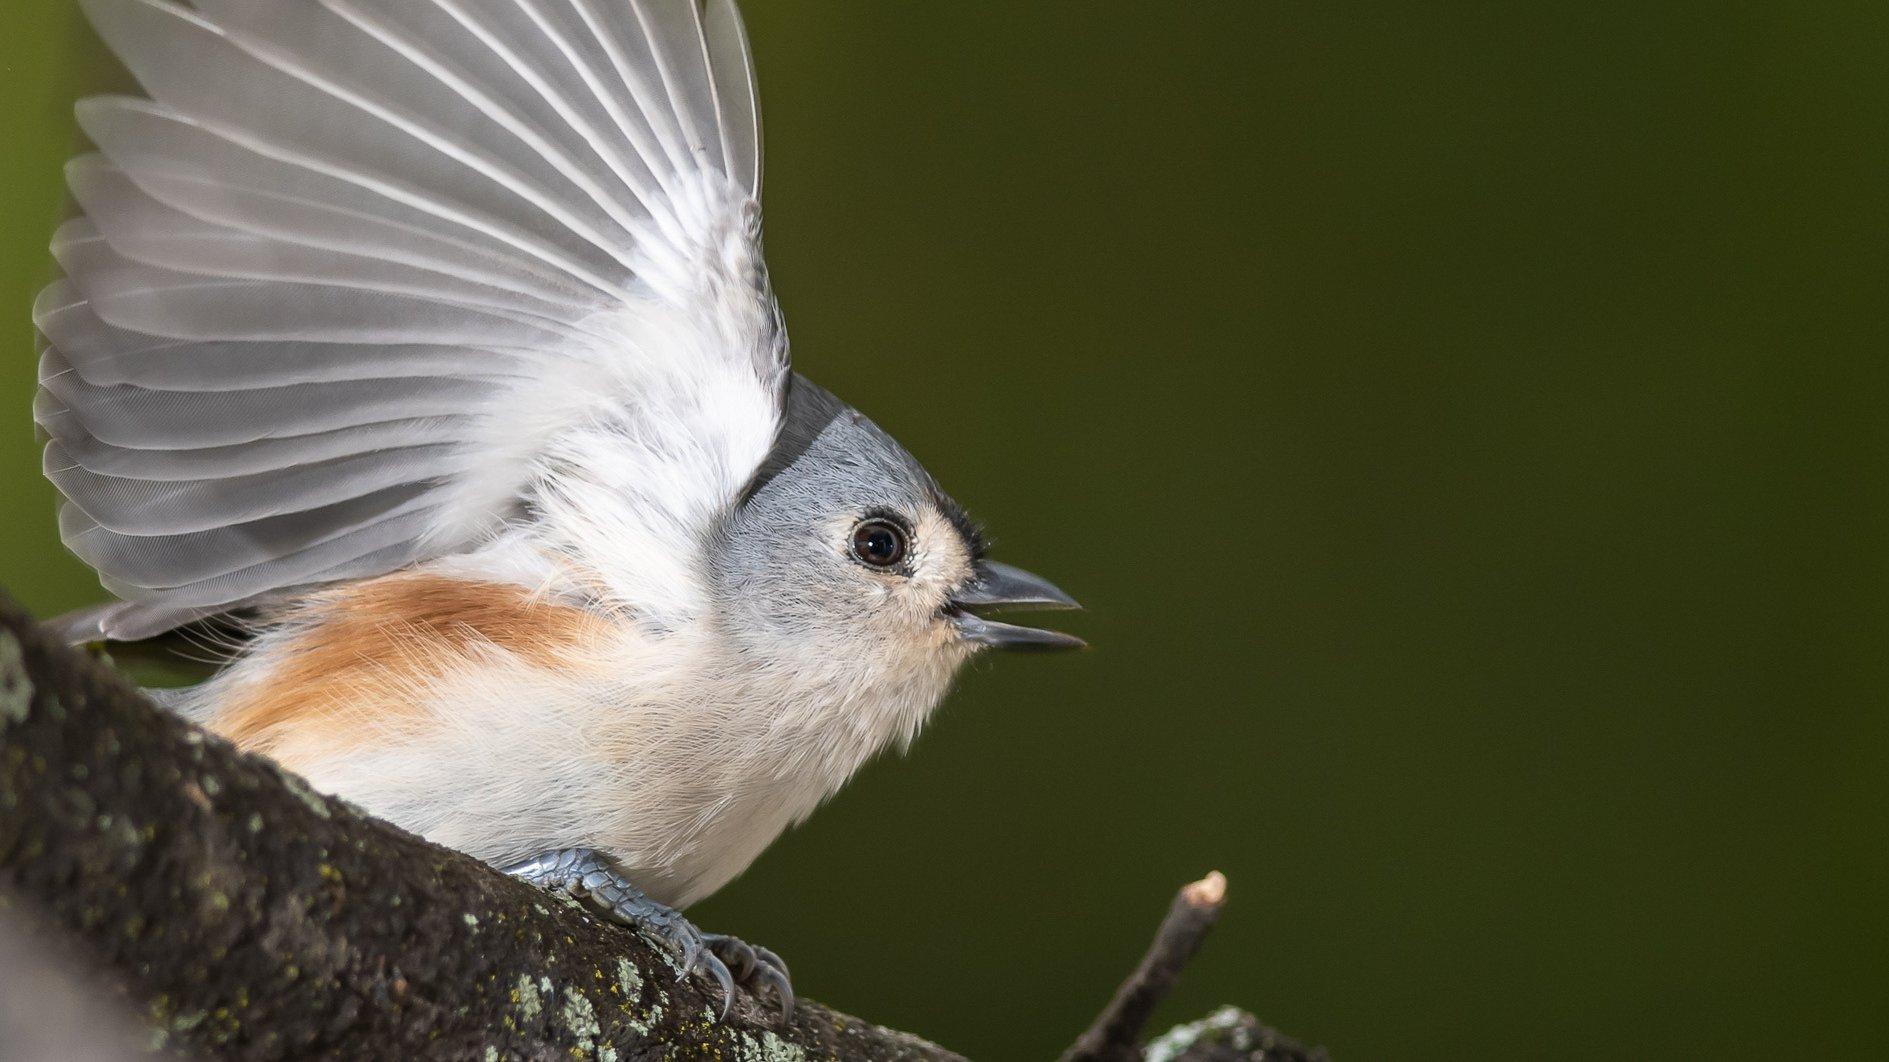 Ein kleiner grauer Vogel von der Seite mit ausgebreitetem Flügel.